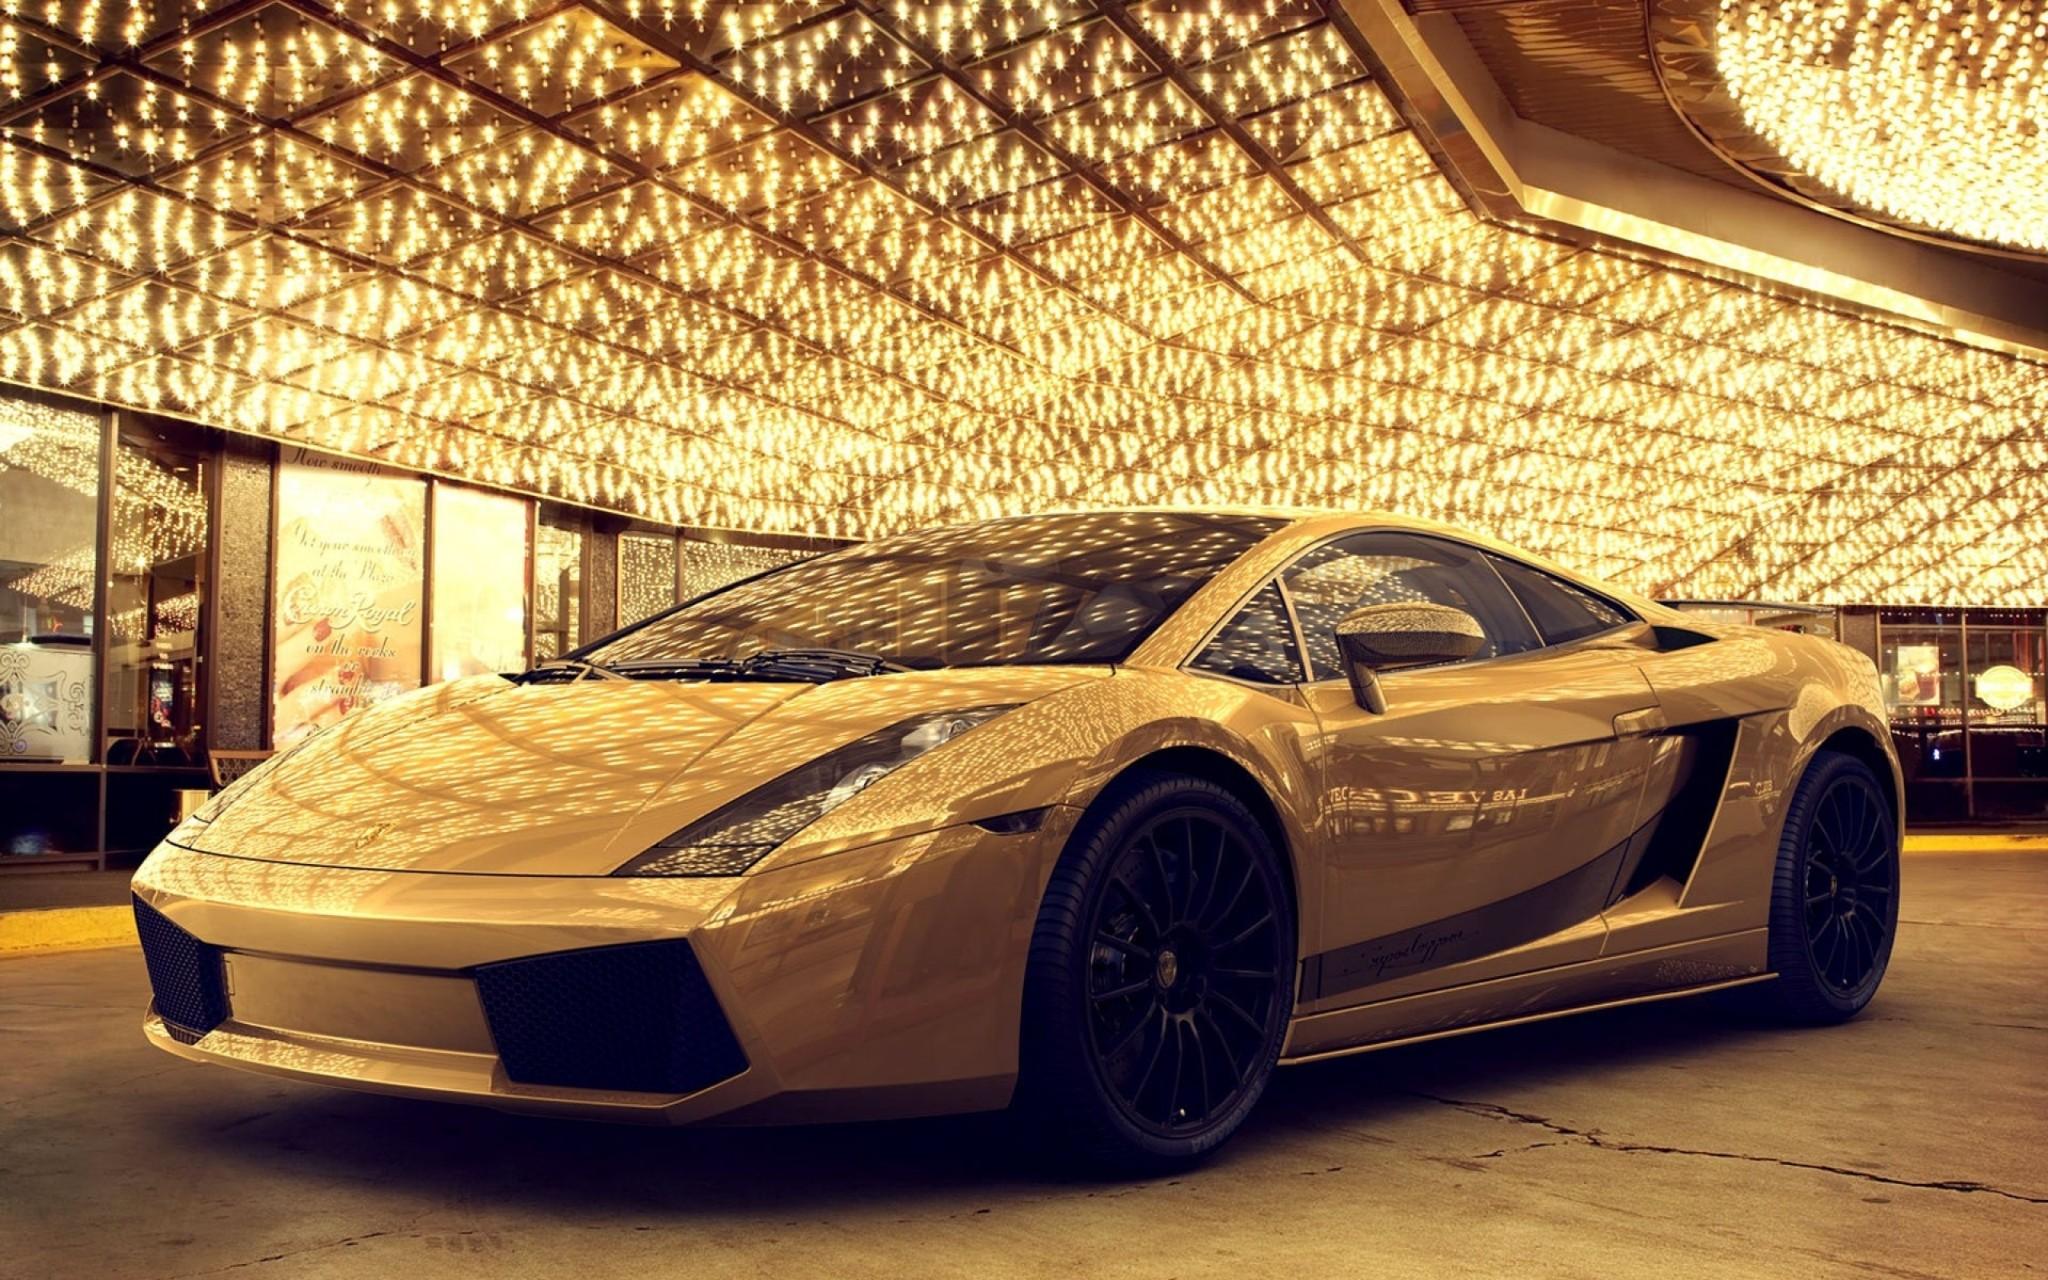 Ngất ngây với xe Lamborghini mạ vàng trị giá 7,5 triệu đô